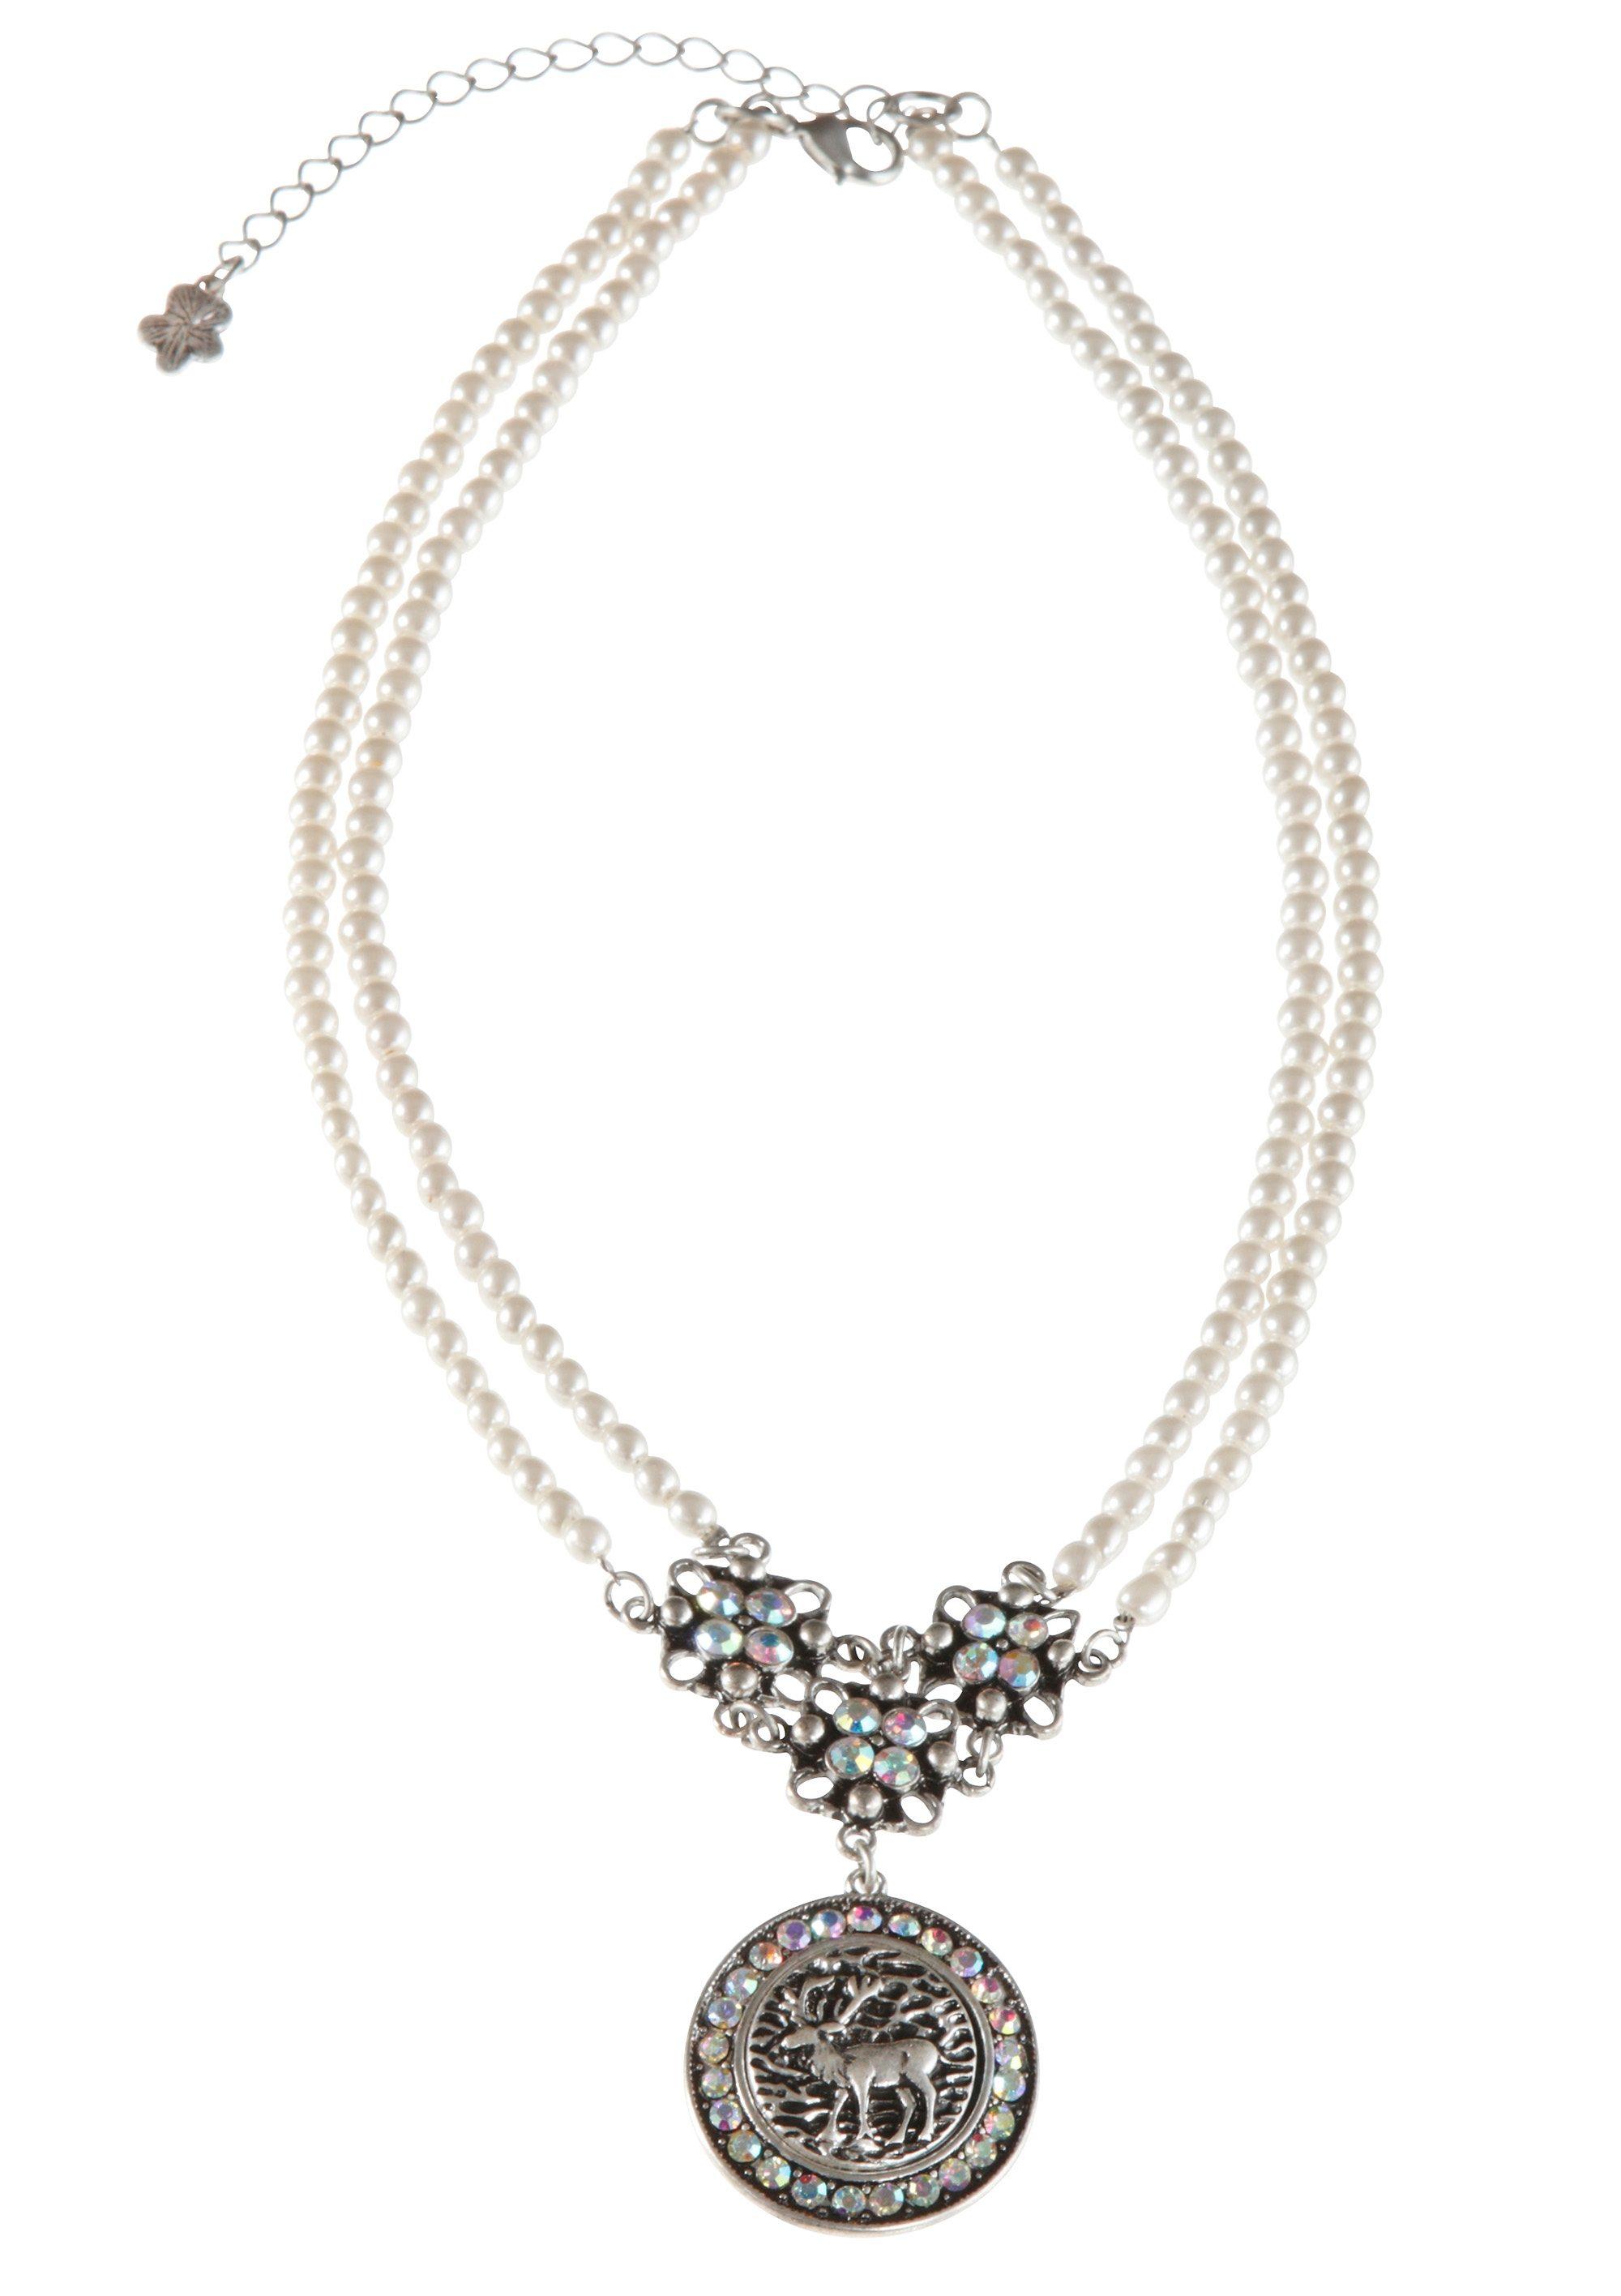 Trachten-Halskette aus Kunstperlen